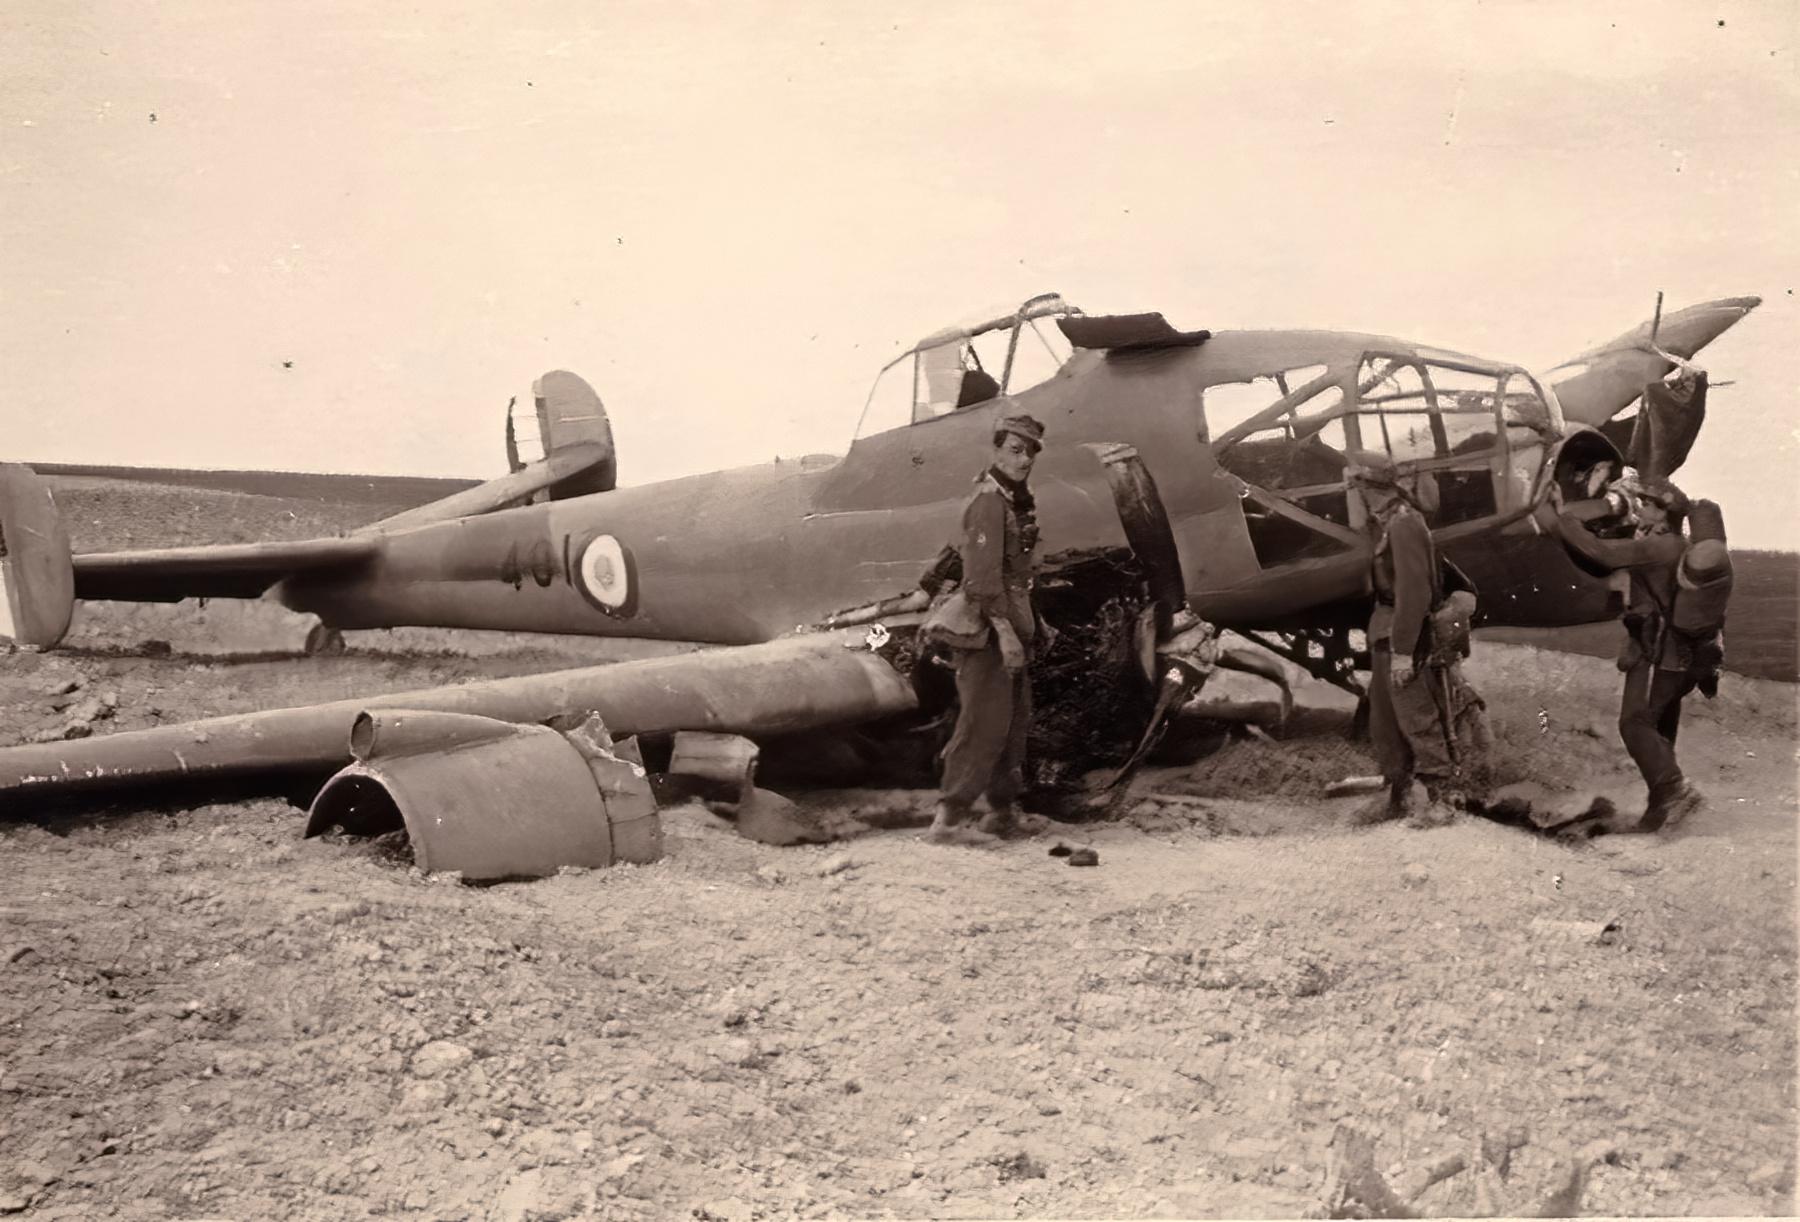 French Airforce Potez 63.11 Black 401 captured after force landing France 1940 ebay 01